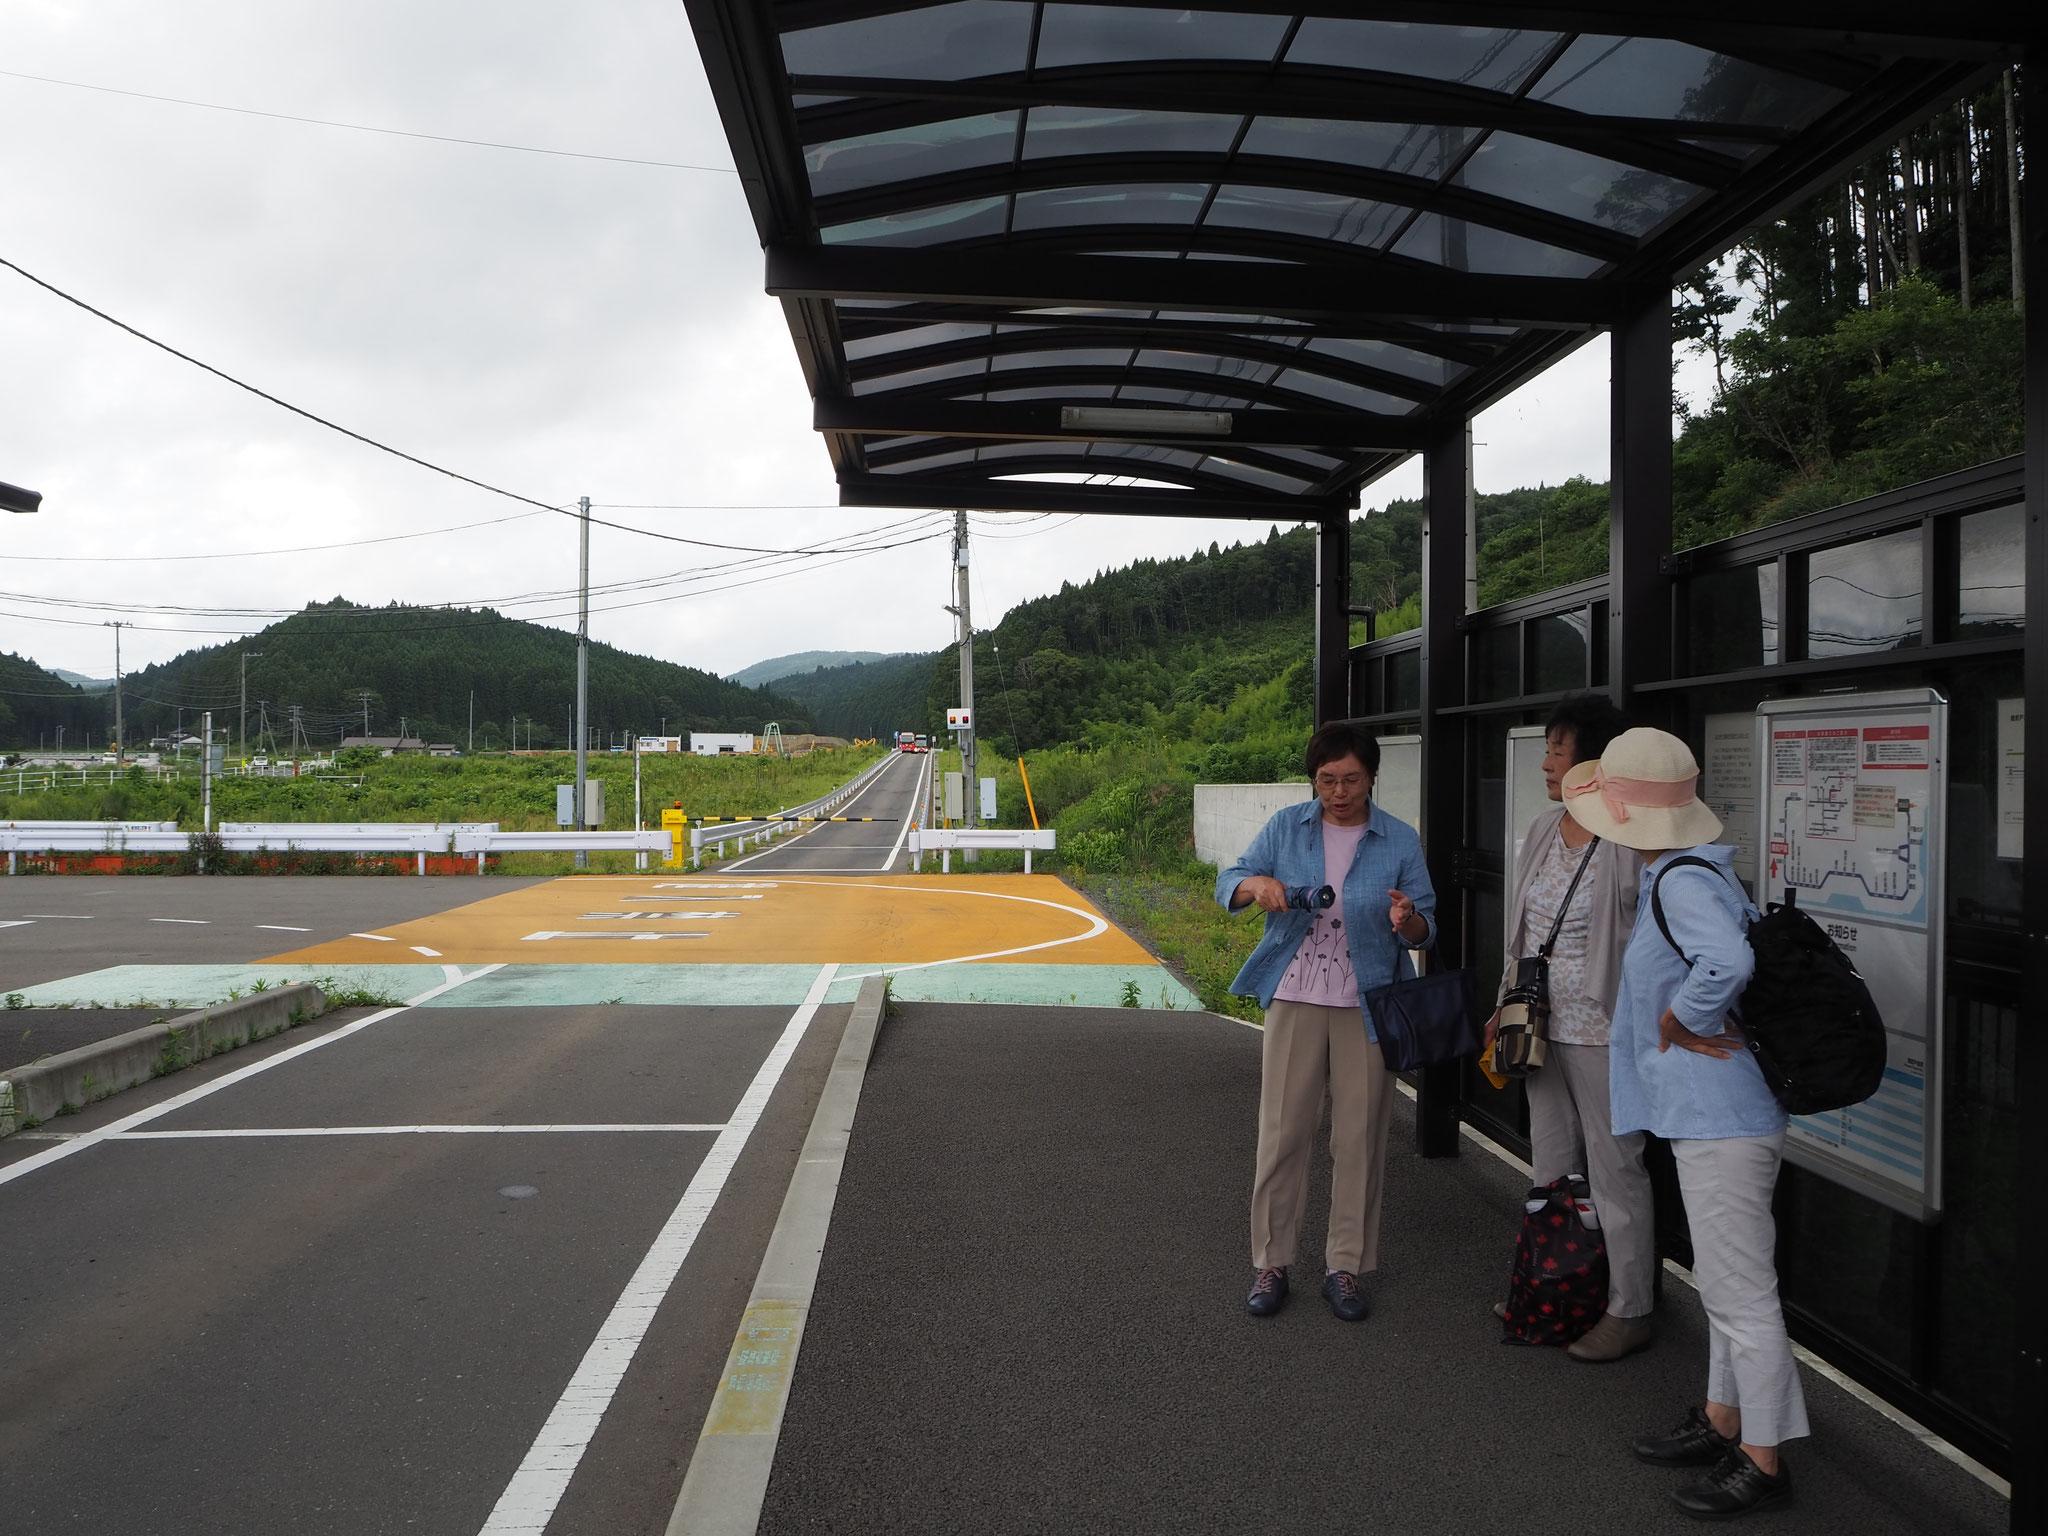 陸前戸倉駅。ここからBRT(バス・ラピッド・トランジット)で気仙沼に向かいます